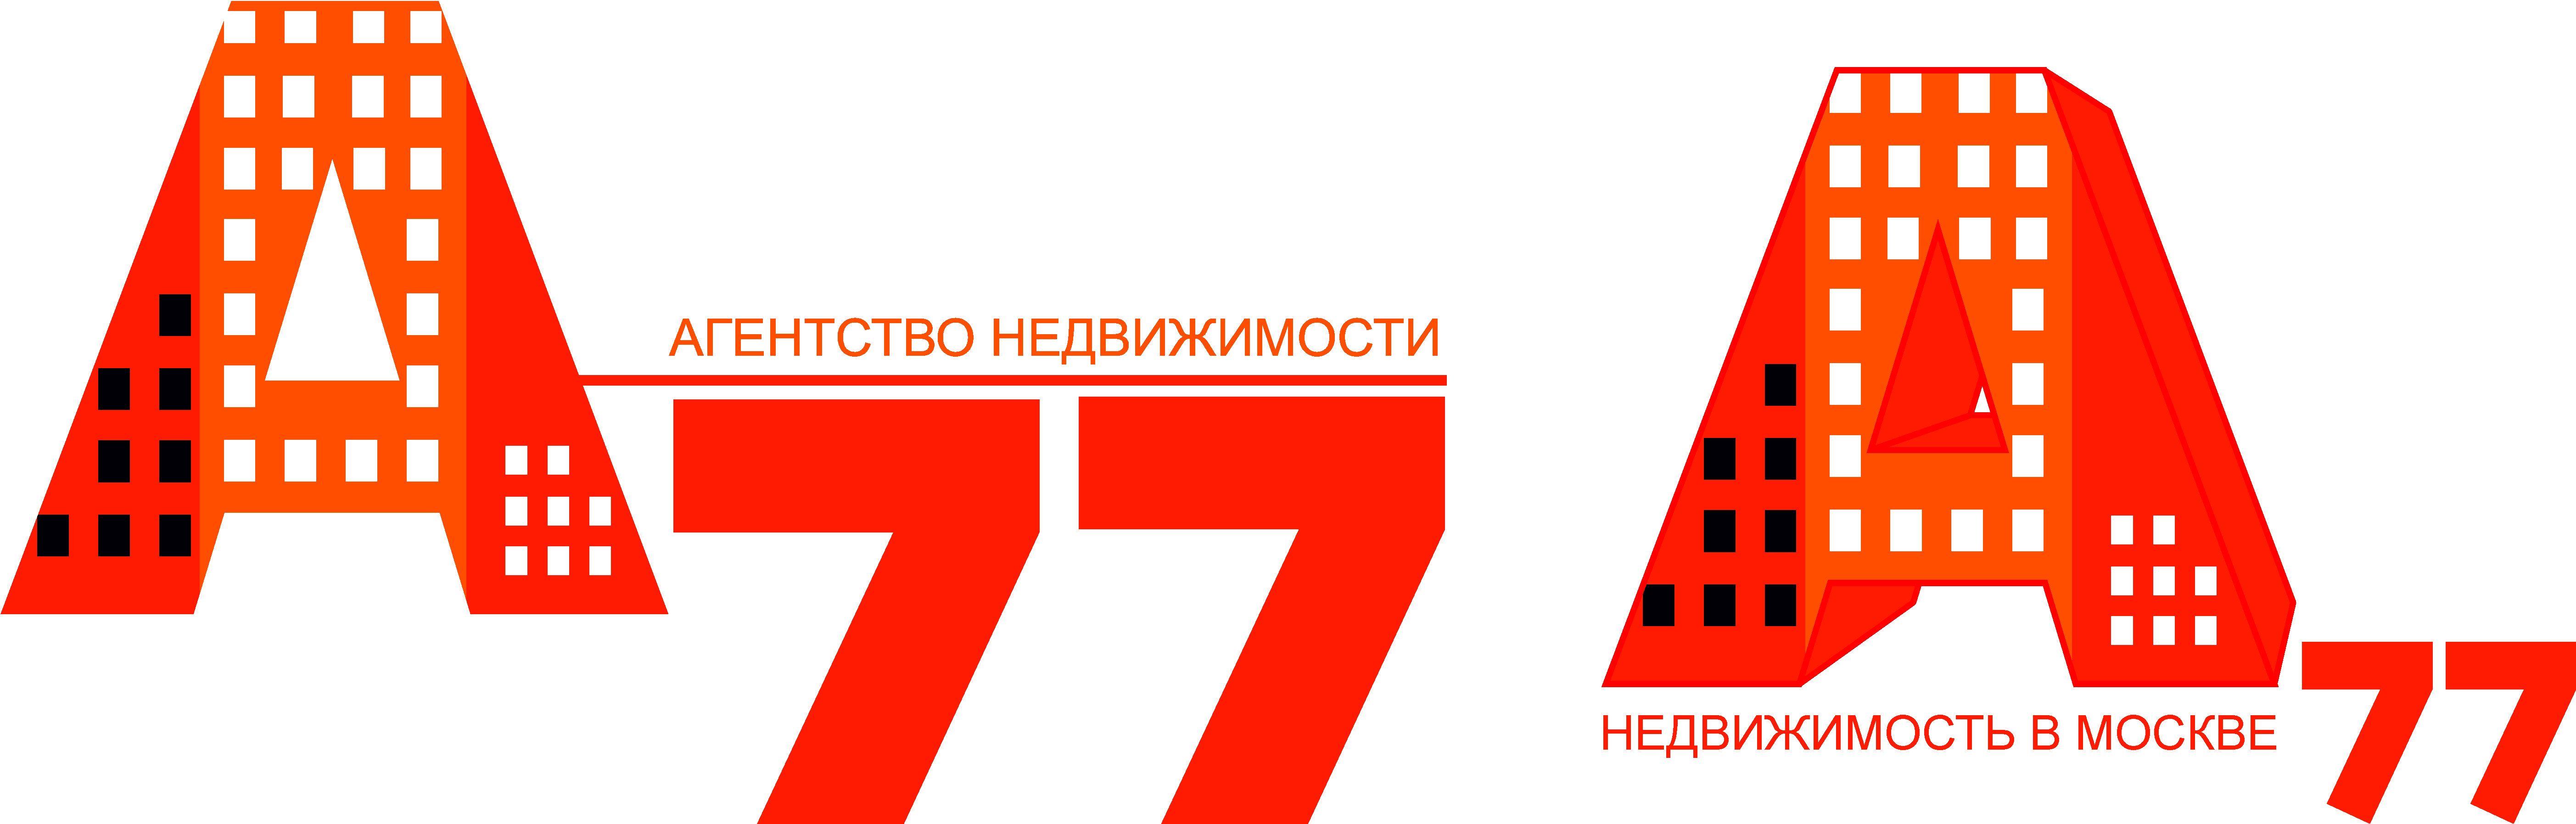 Лого для сайта по коммерческой недвижимости A77.RU - дизайнер Krasivayav